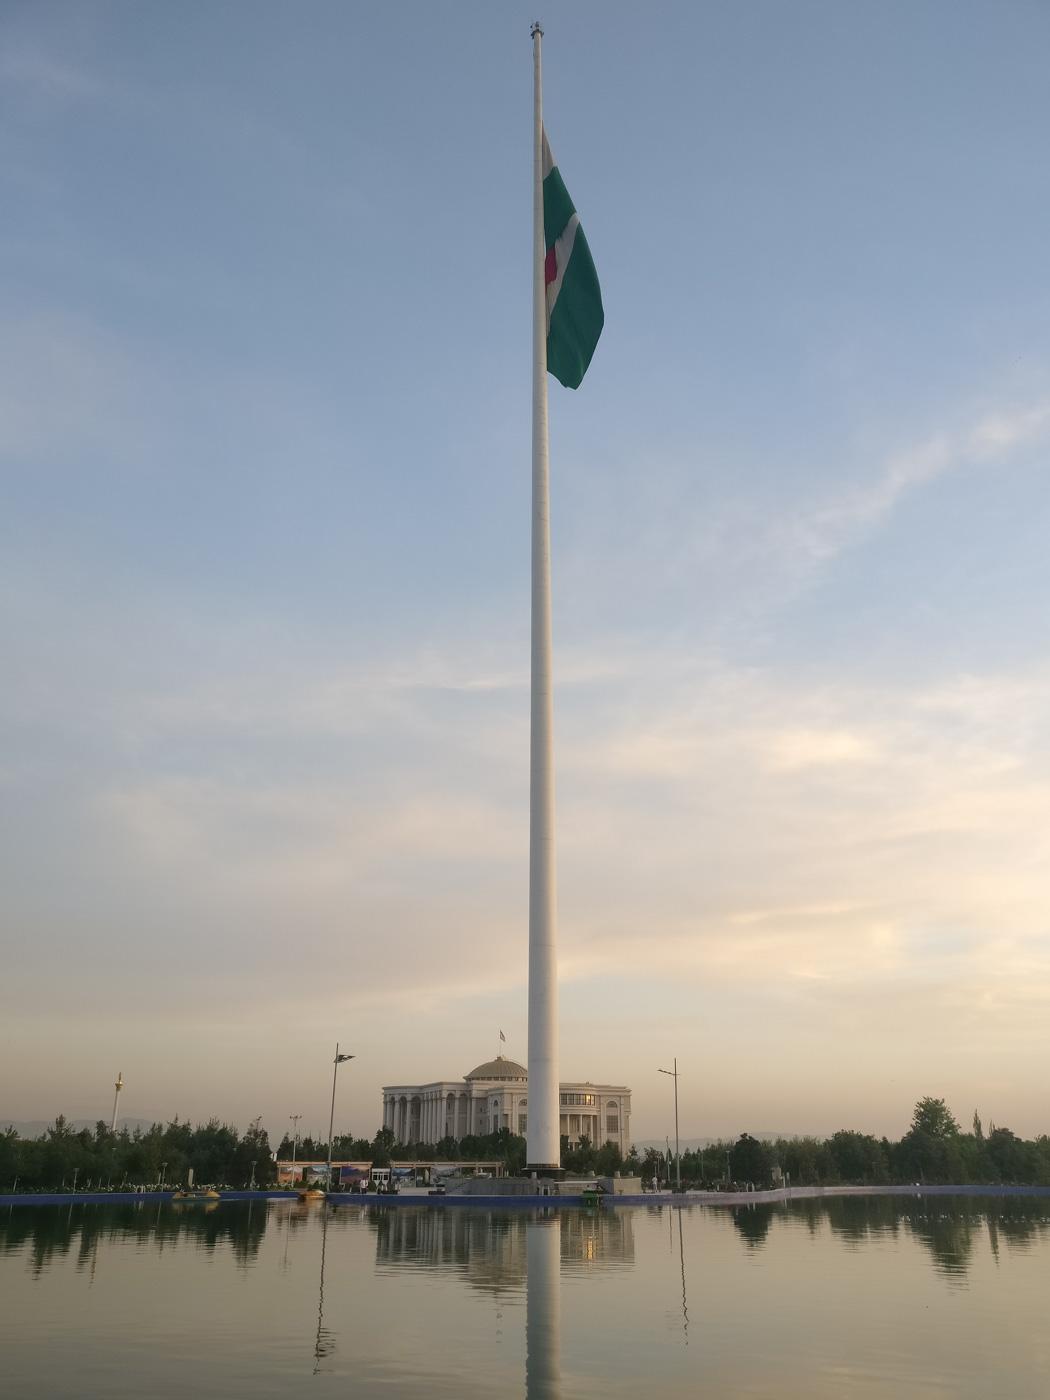 Der Fahnenmast in Duschanbe ist mit seinen 165 Metern seit 2014 nur noch der zweithöchste der Welt. In diesem Jahr wurde er von einem Mast in Dschidda übertrumpft. Im Hintergrund ist der Palast der Nationen zu sehen, die Residenz des Präsidenten.